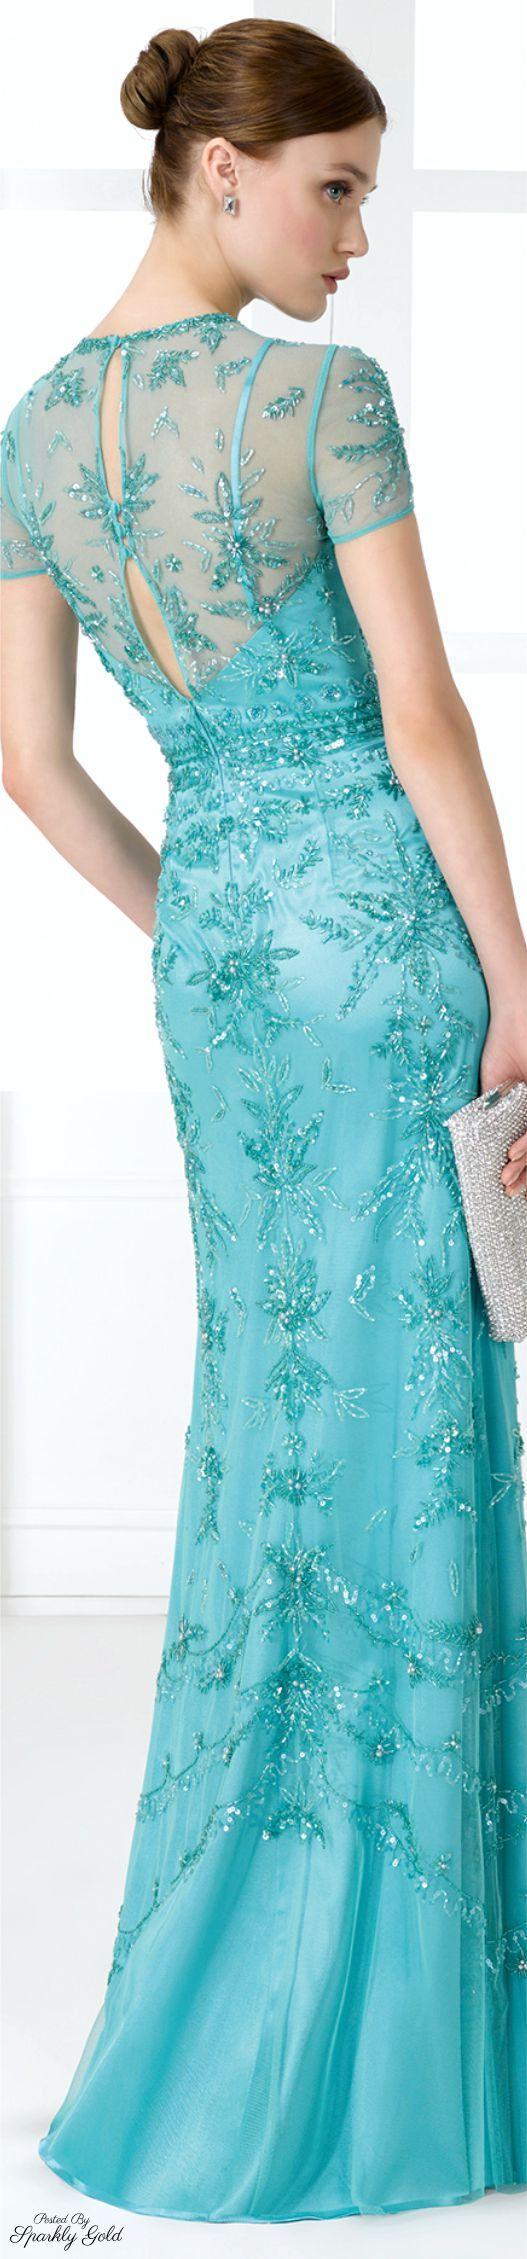 d5a2b23163 7f07e3f8-808a-4cfa-9f91-f4590619ee4c vestidos azul turquesa para graduacion  de primaria